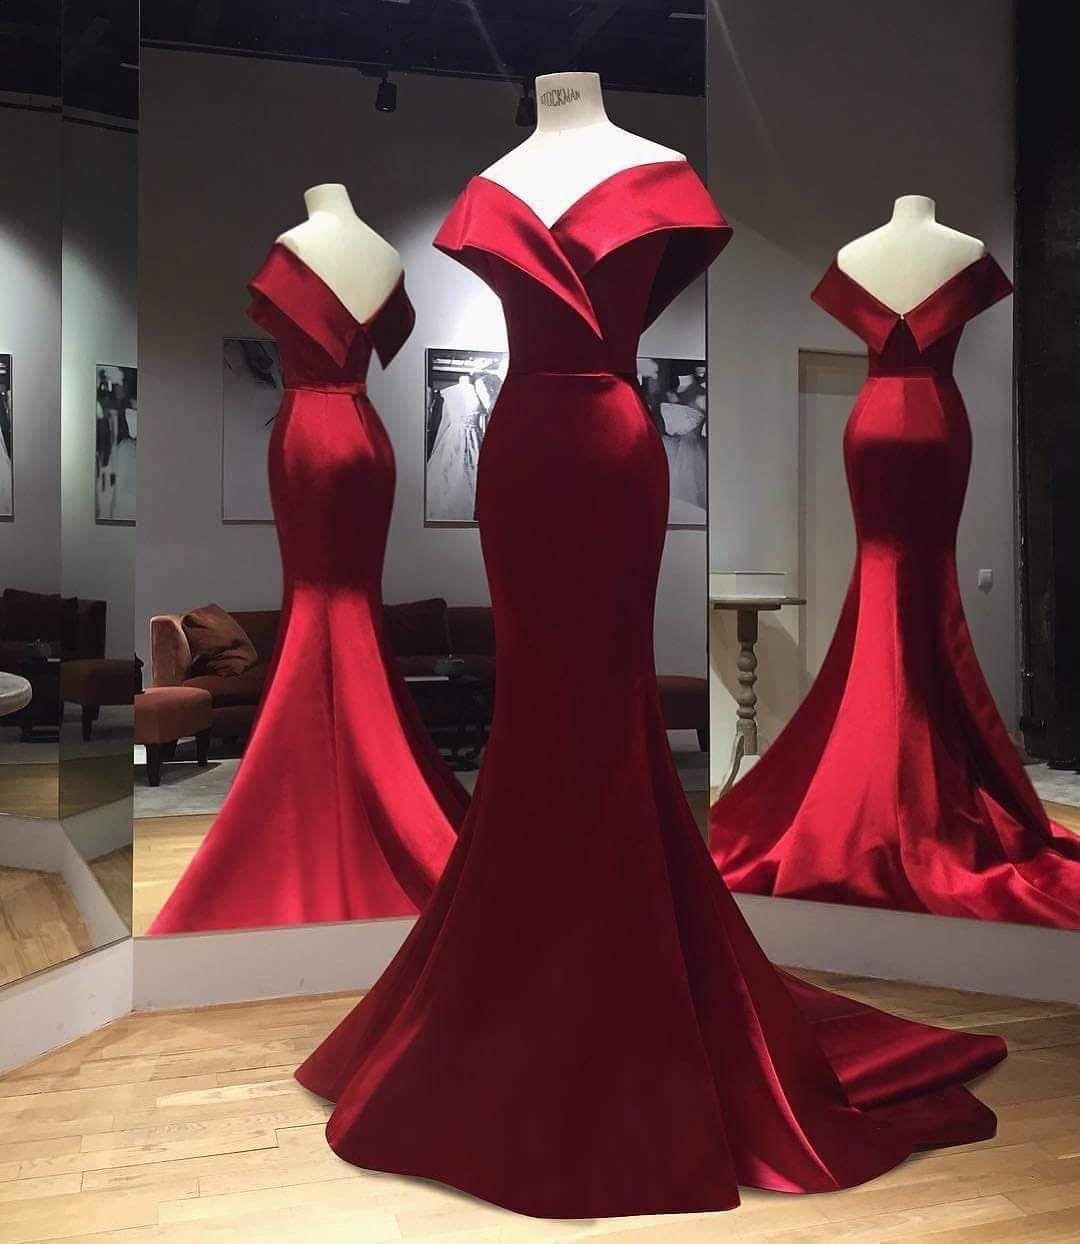 17 Schön Abendkleid Bordeaux Bester Preis13 Schön Abendkleid Bordeaux Boutique